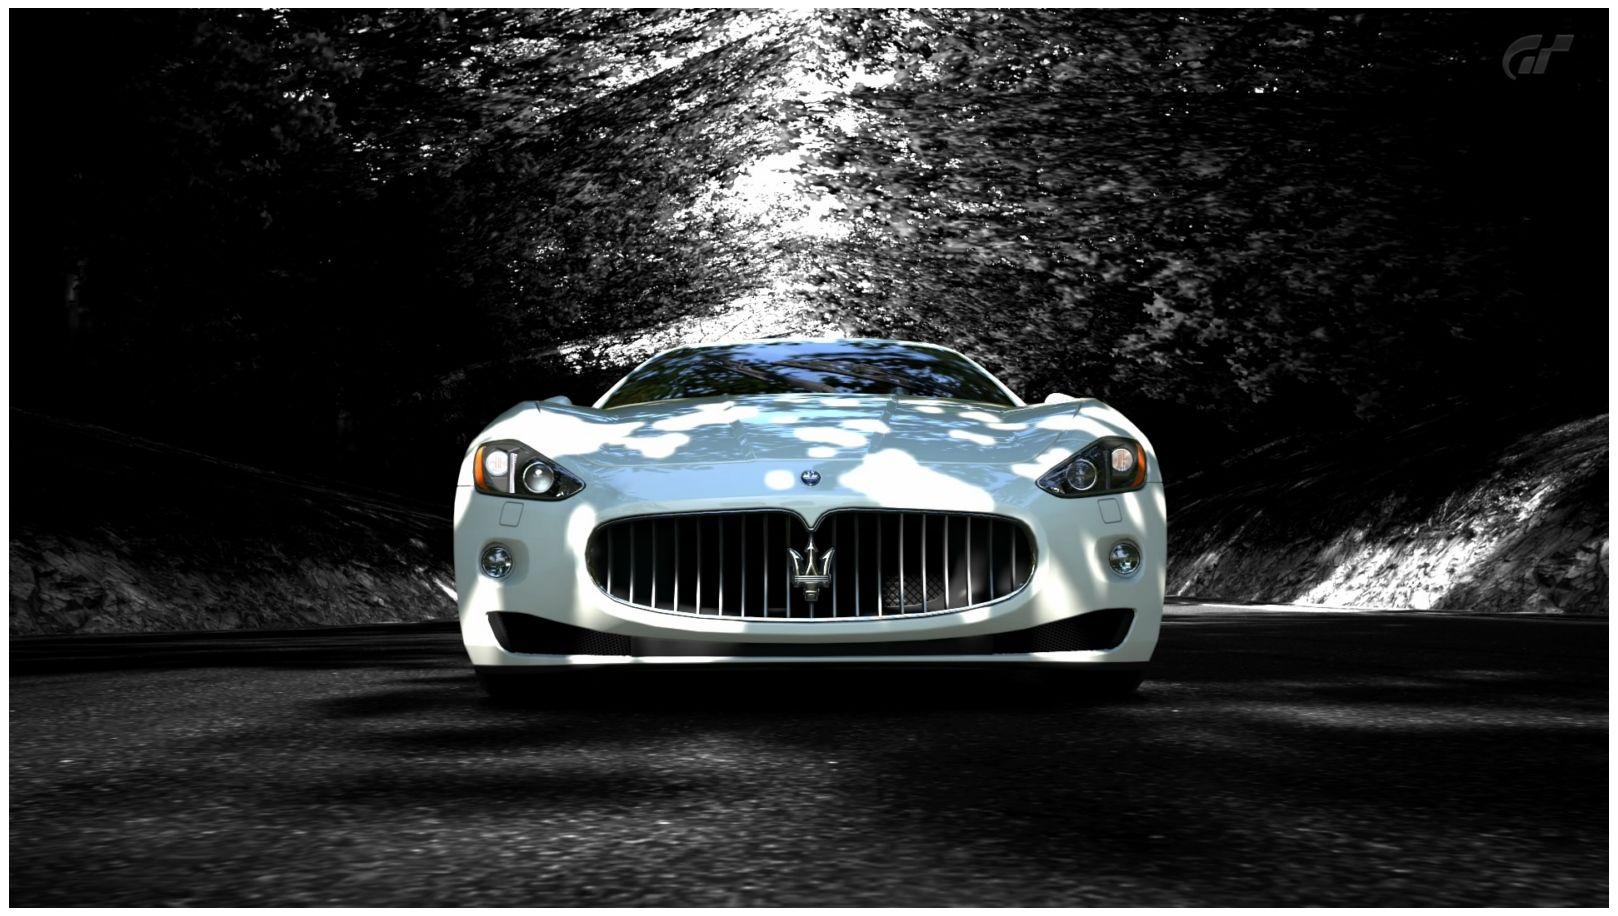 New Maserati Granturismo Hd Car Wallpaper Hd Walls Maserati Granturismo Maserati White Maserati